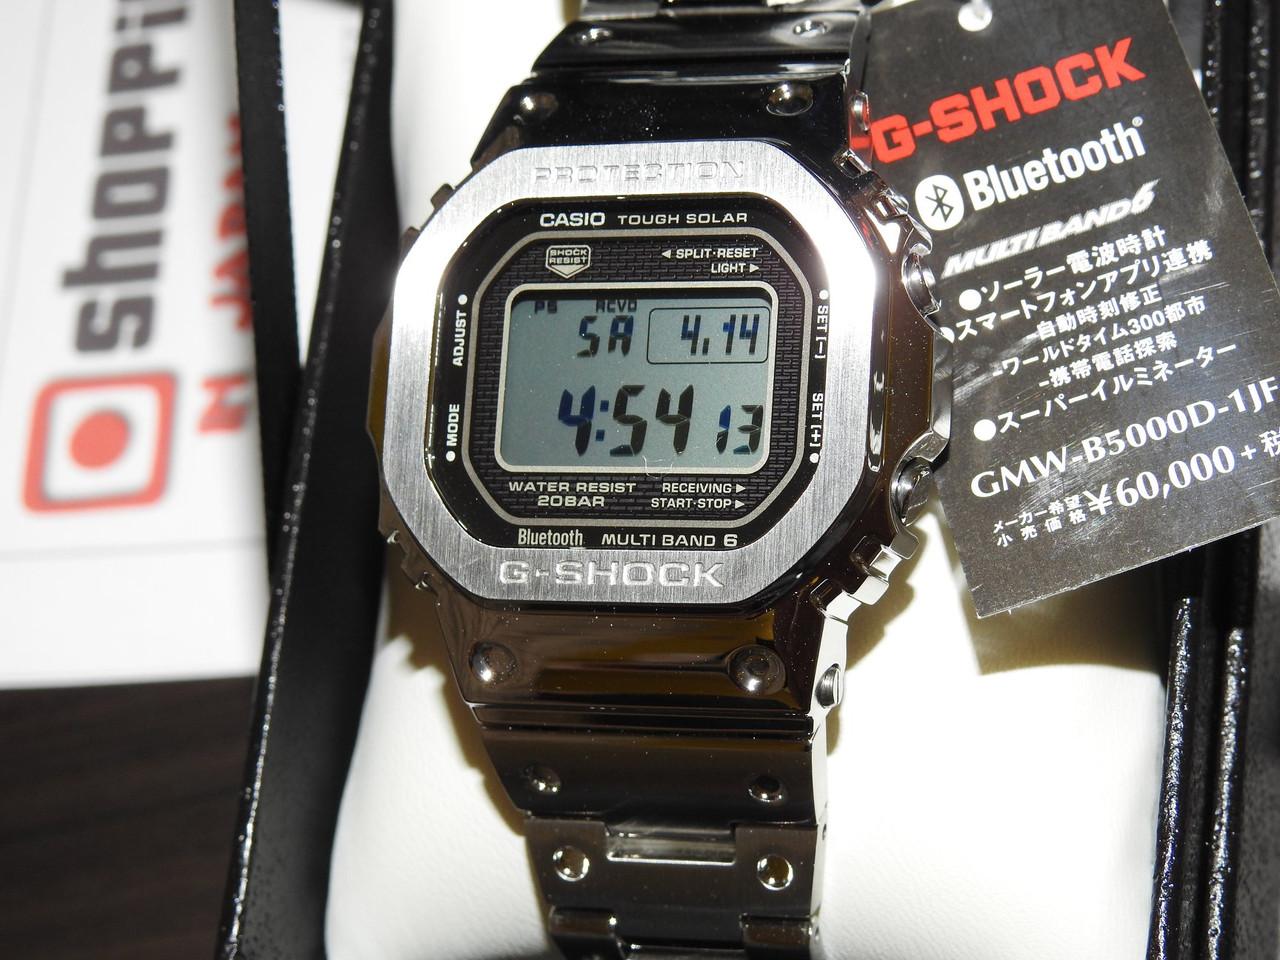 G-Shock GMW-B5000D-1JF